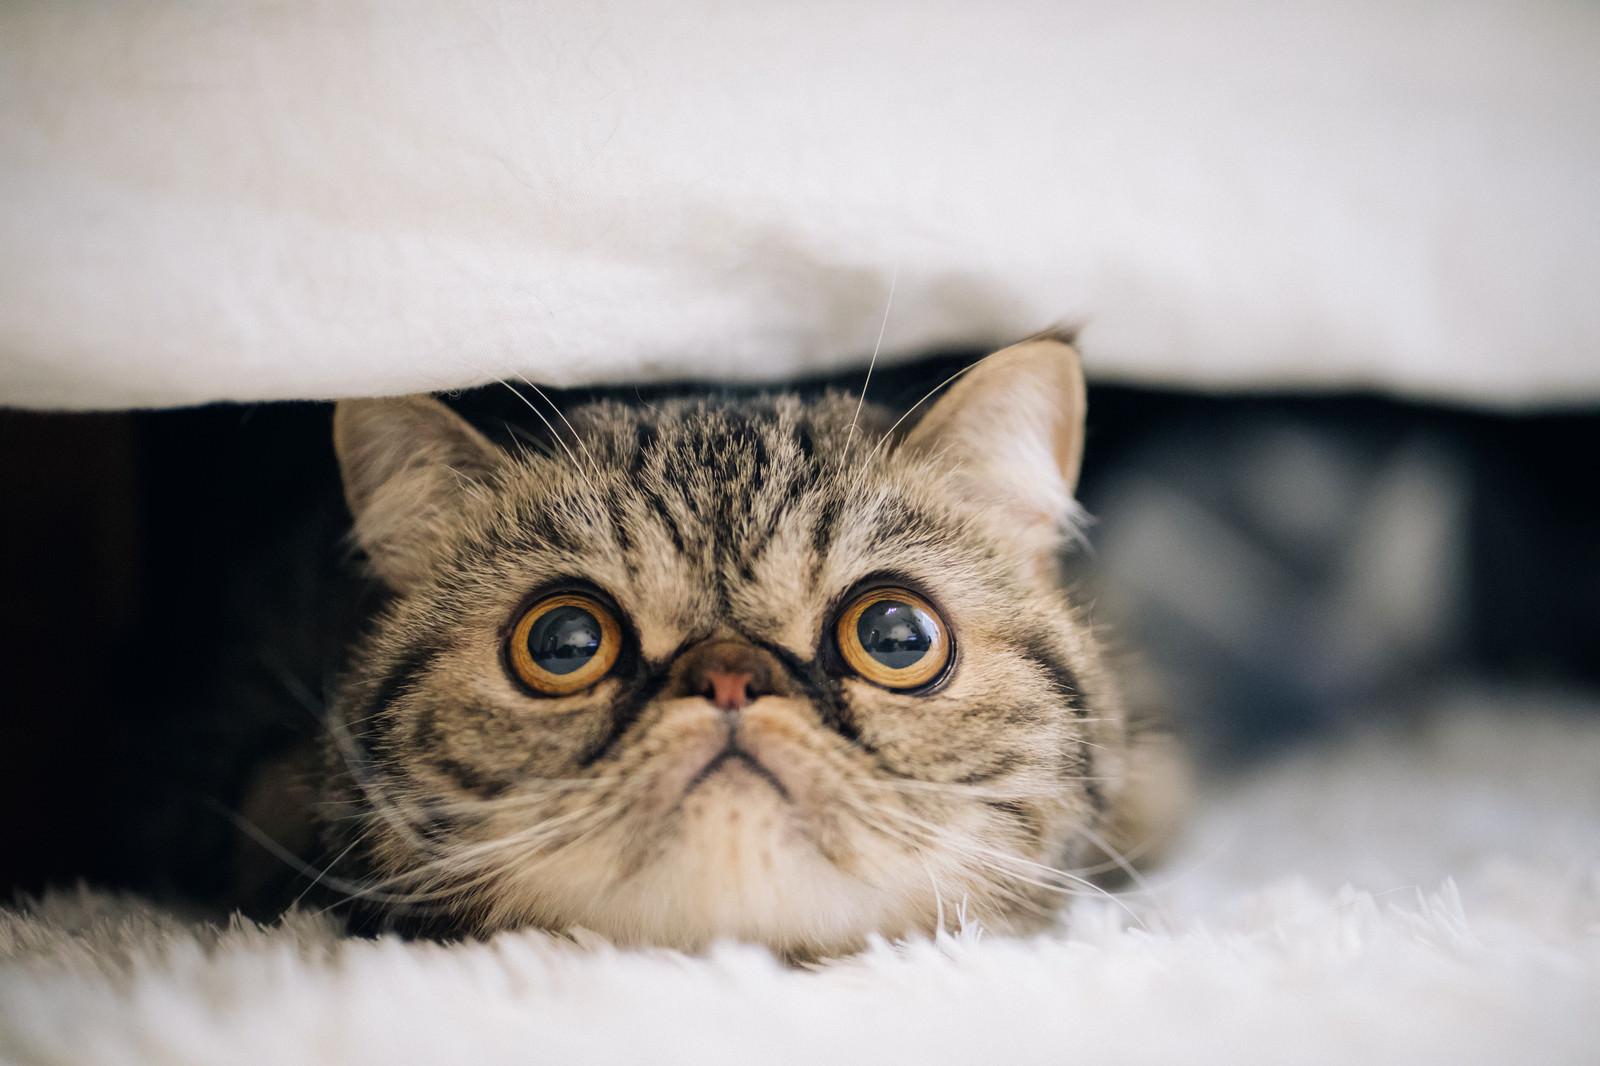 「目を見開いた猫(エキゾチックショートヘア)」の写真